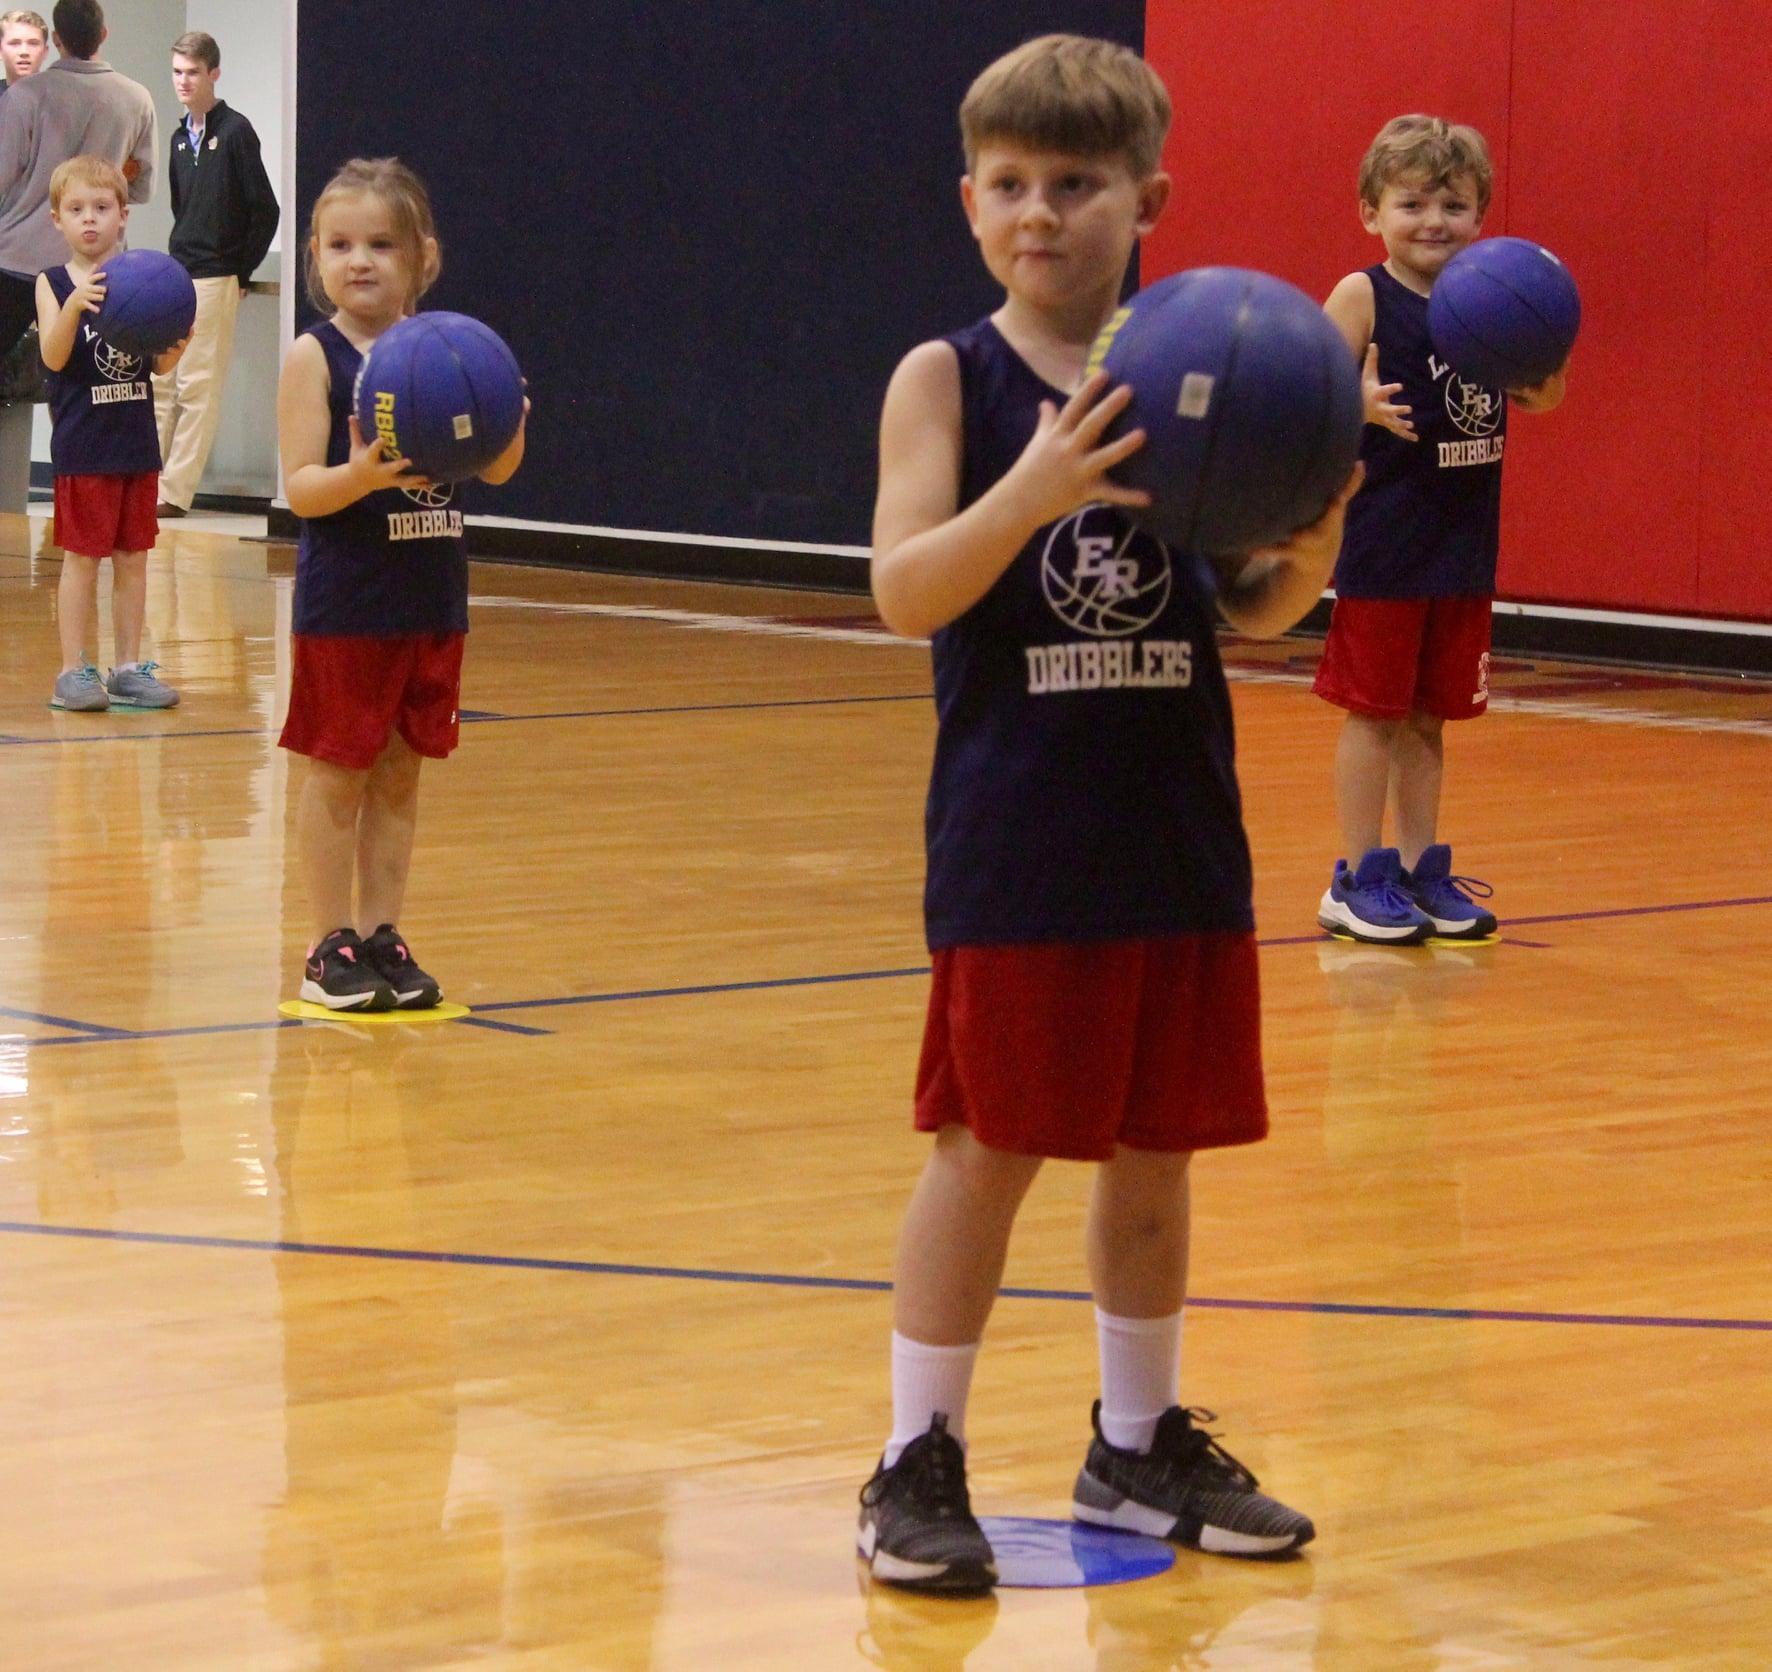 Little Dribbler Basketball